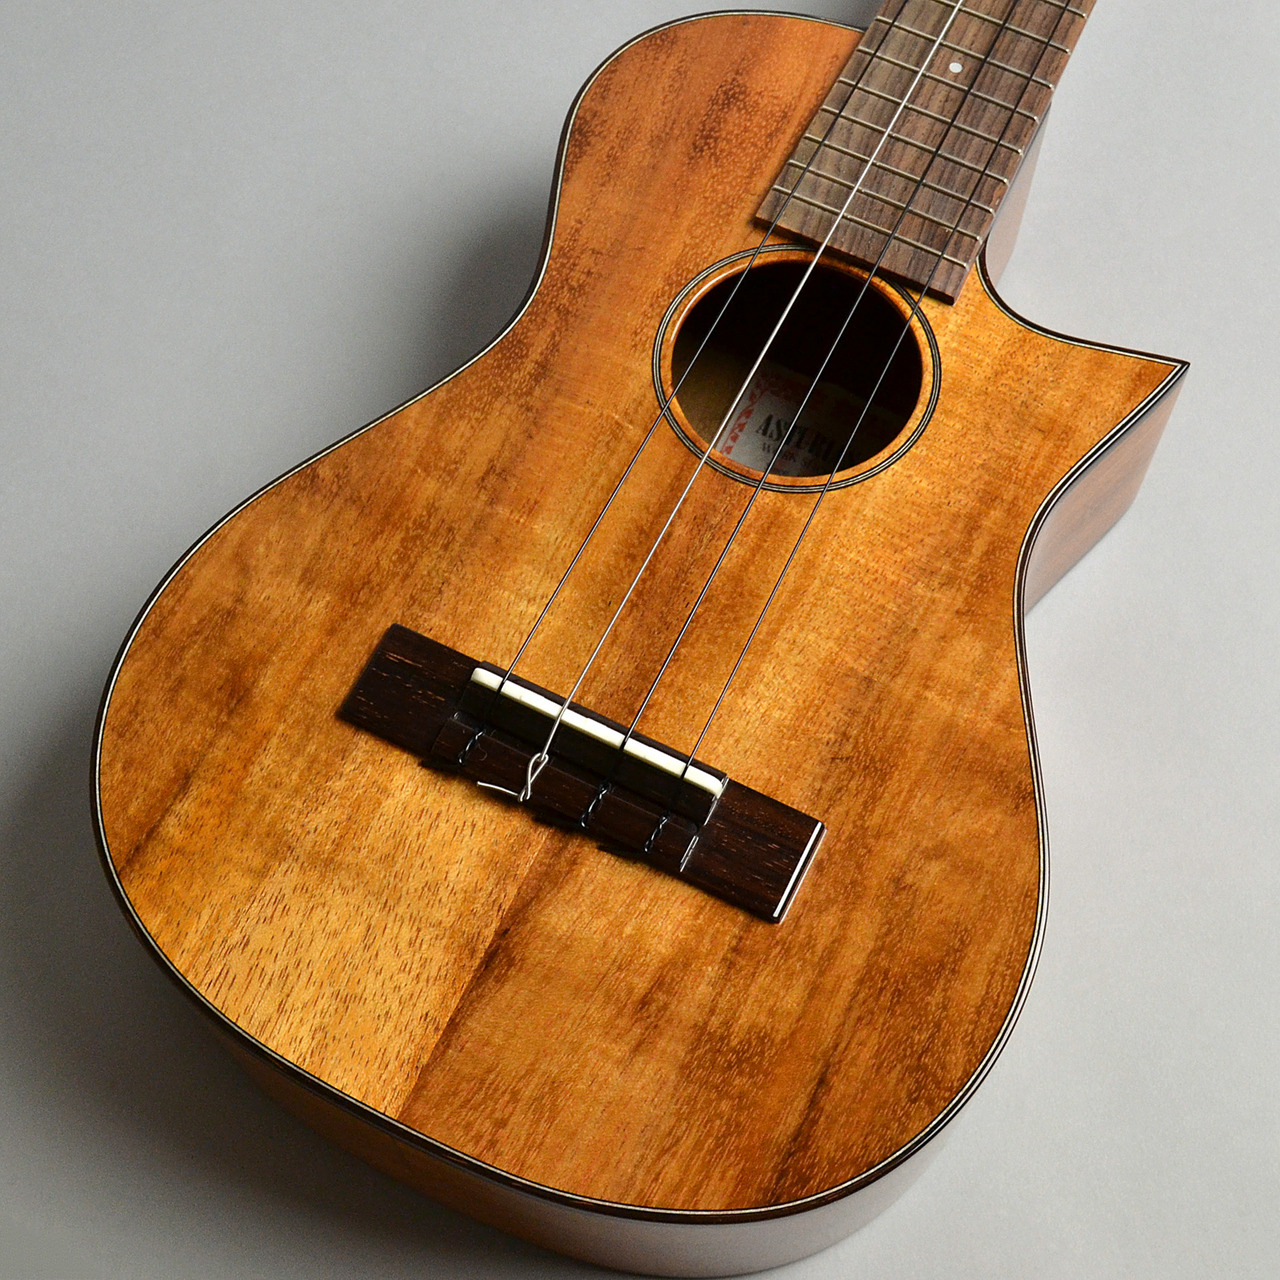 Free! Up to 3/31 up to split fees 36 times] ASTURIAS SOLO UKULELE SC KOA solo ukulele SC core